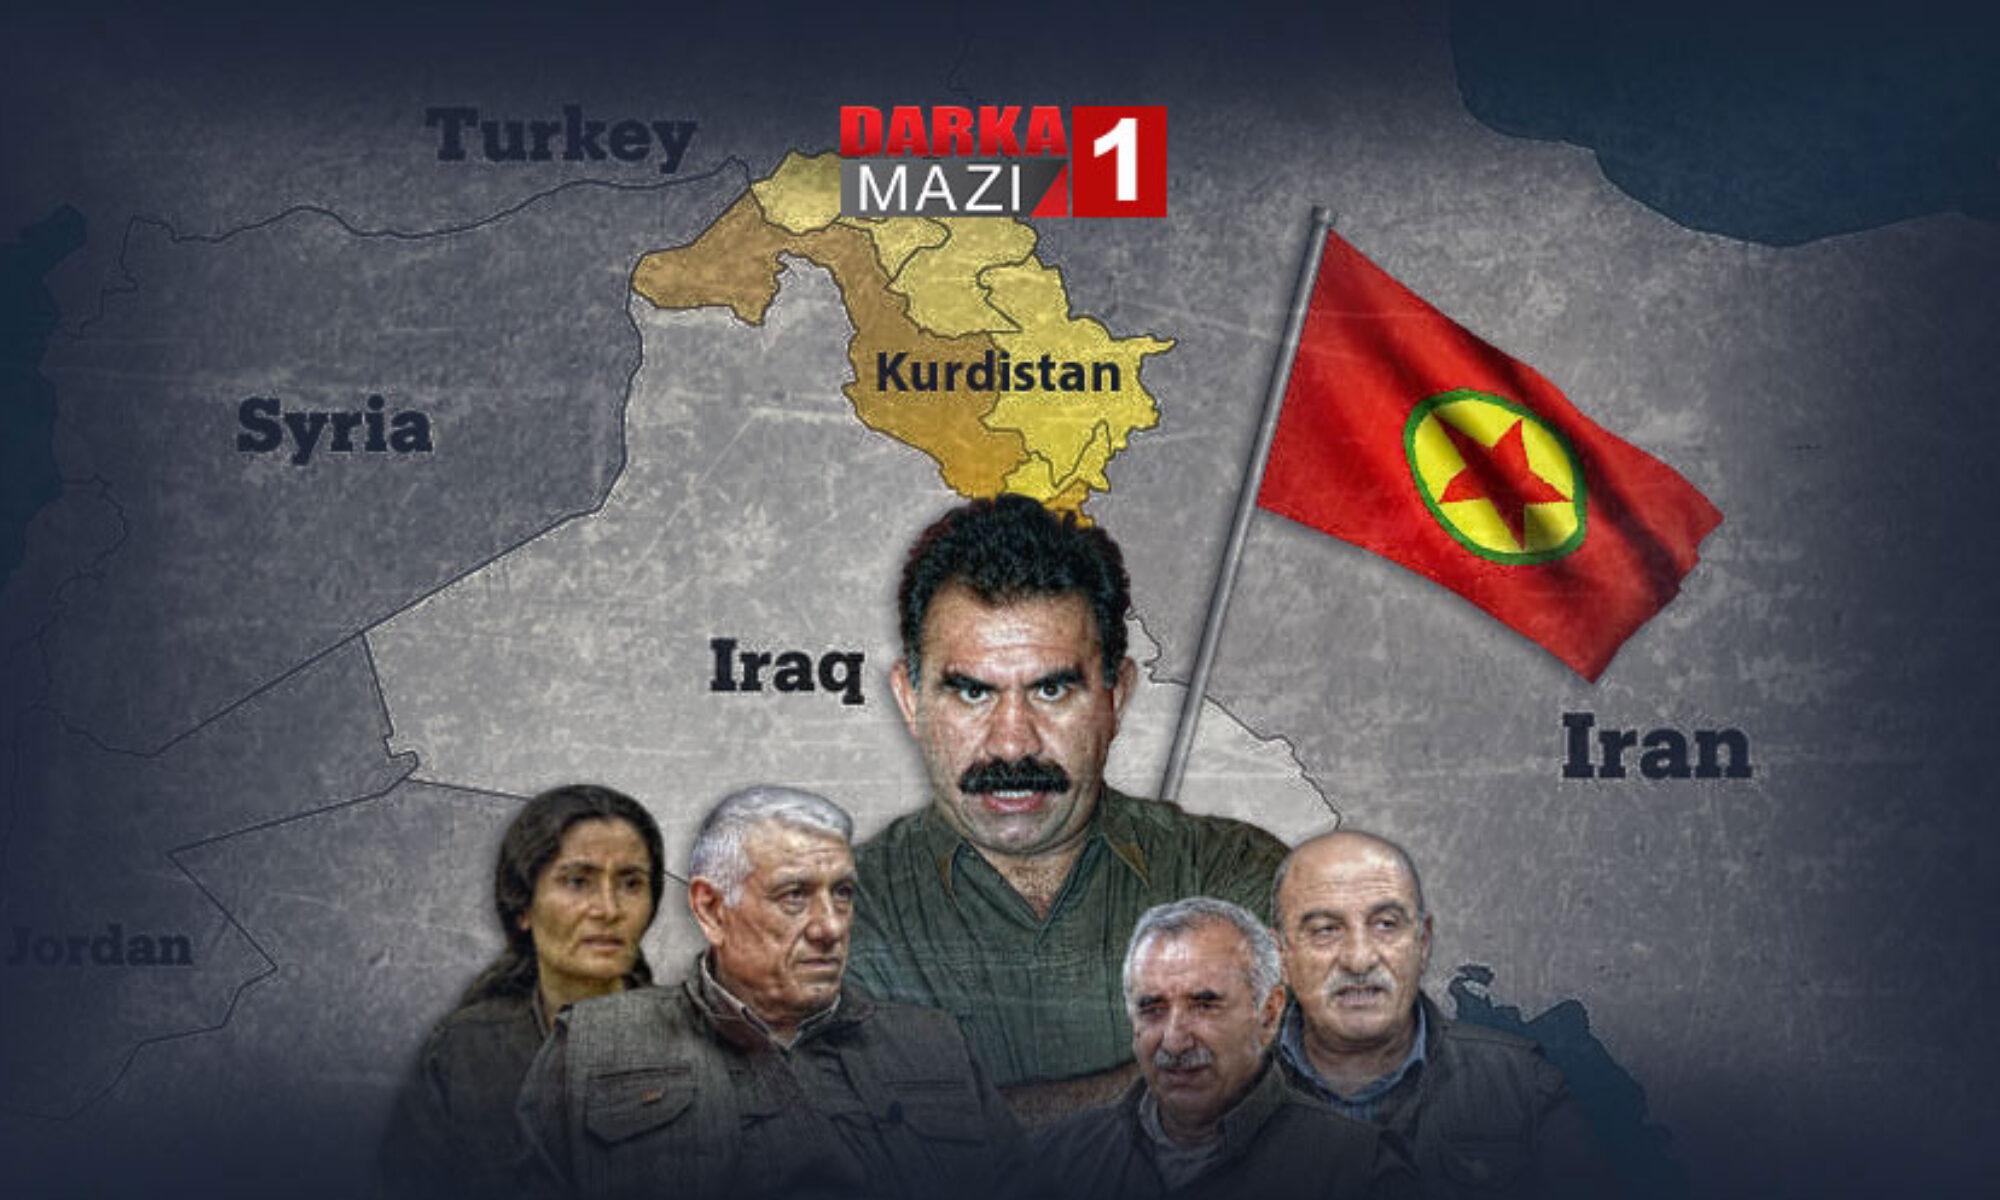 PKK'nin Kürdistan Bölgesini kuşatma projesi İran, Kerkük, Ali Şemhani, Kasım Süleymani, Celawla, Zumar, Şengal, Bahdat,